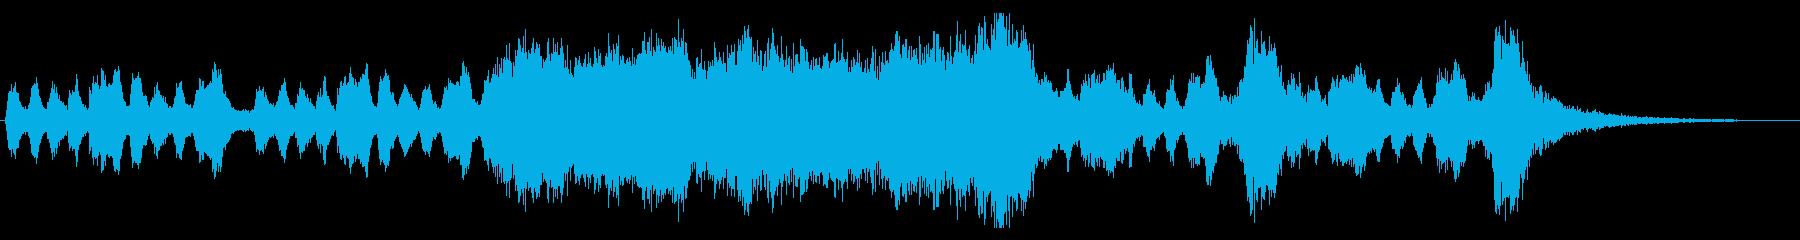 式典向き豪華なオーケストラファンファーレの再生済みの波形